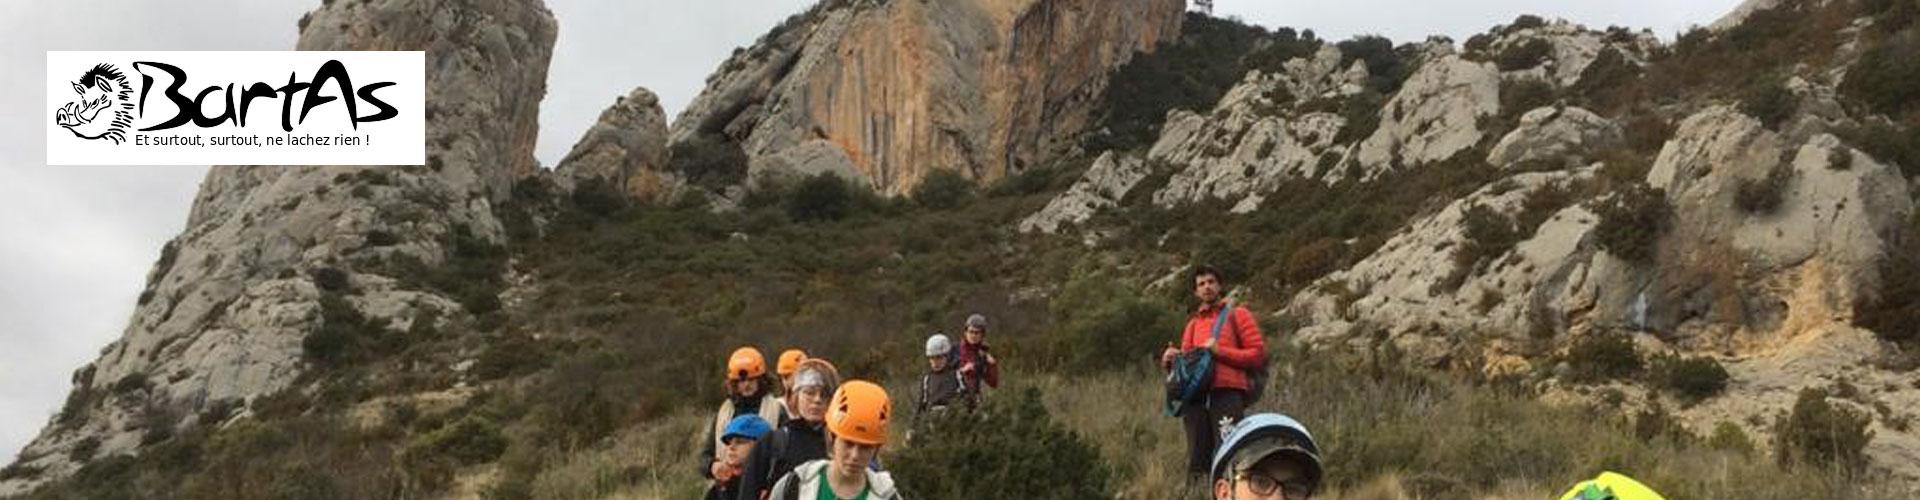 Club Bartas, escalade et canyoning en vallée d'Hérault à Saint André de Sangonis